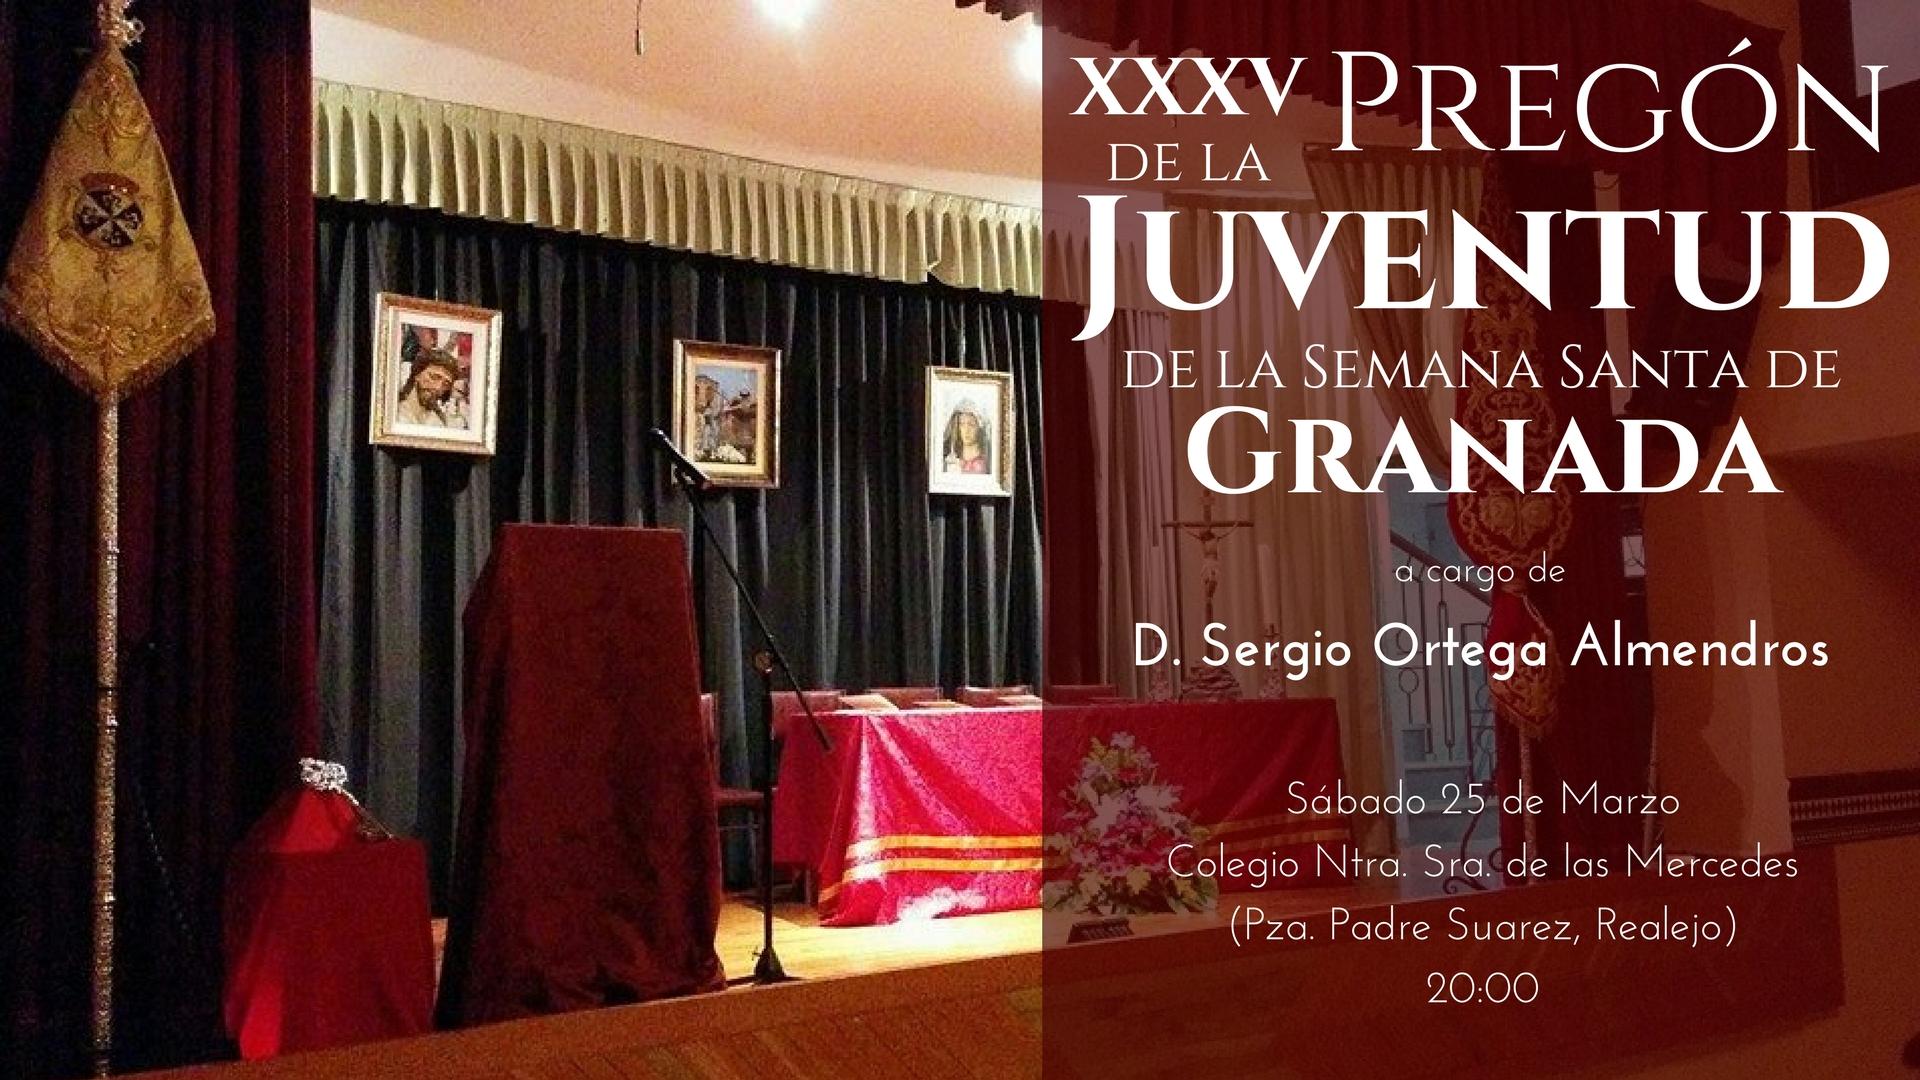 XXXV Pregón de la Juventud de la Semana Santa de Granada